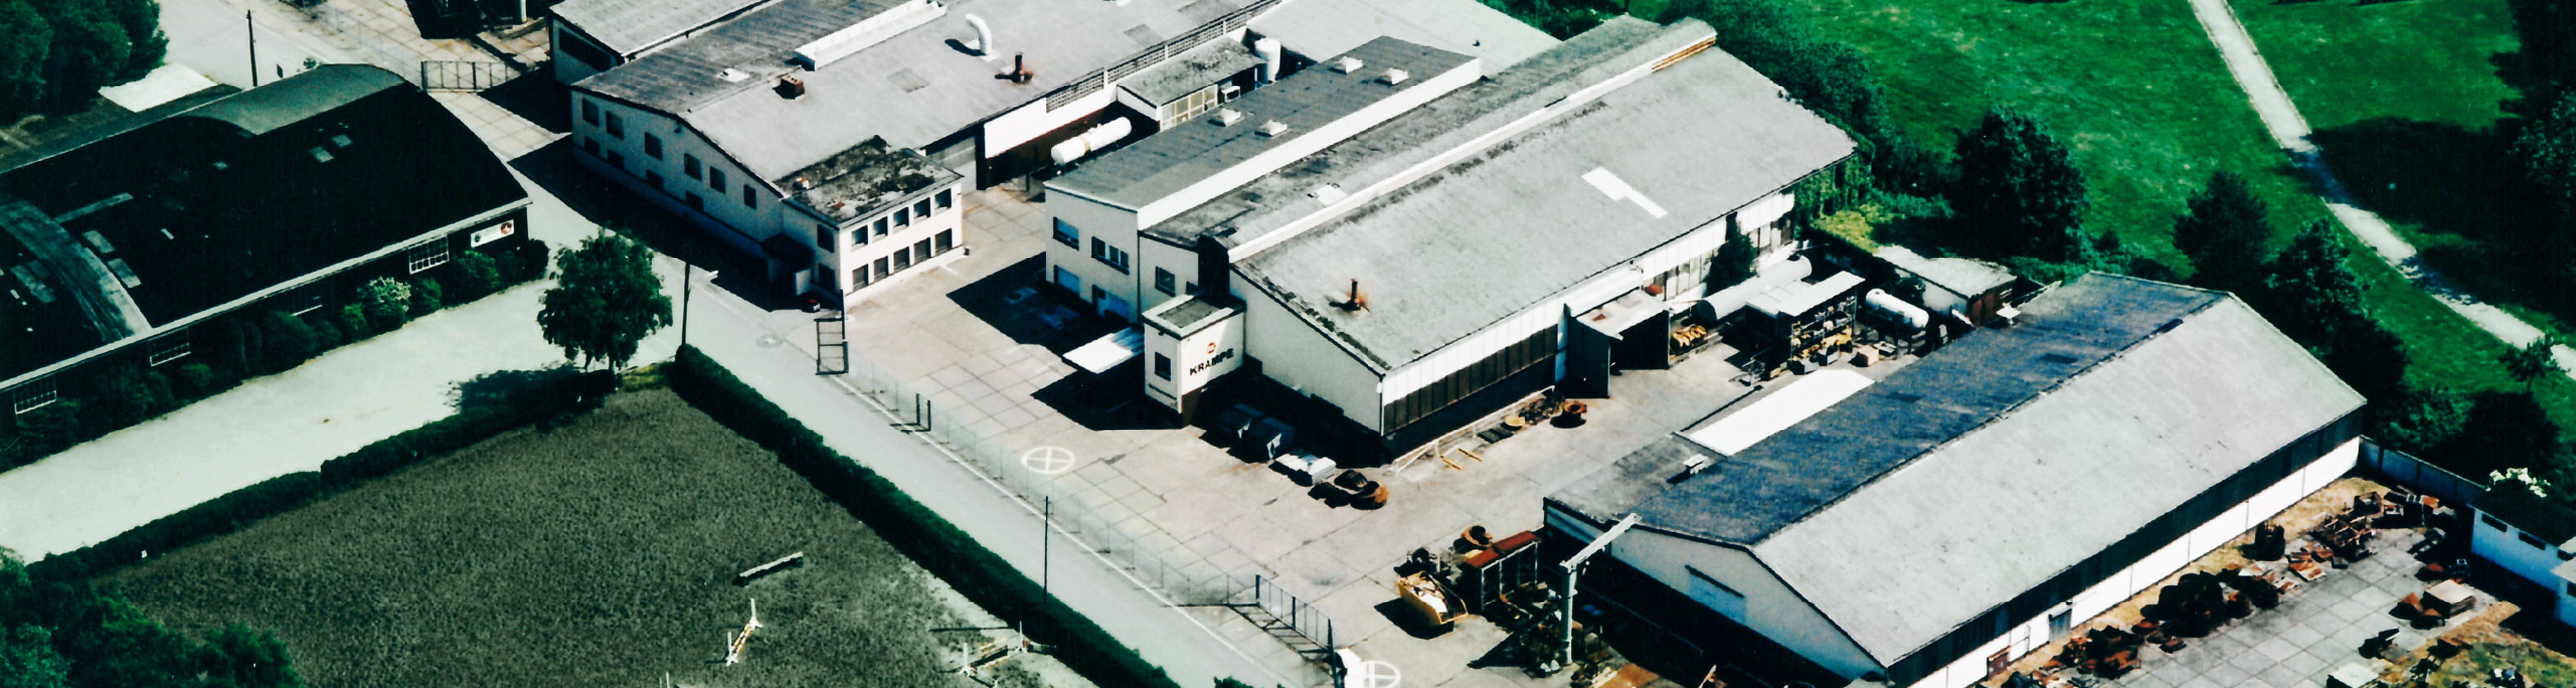 Firmensitz - Krampe GmbH & Co. KG, Hamm - Fördertechnik, Gewinnungstechnik, Maschinenbau.2